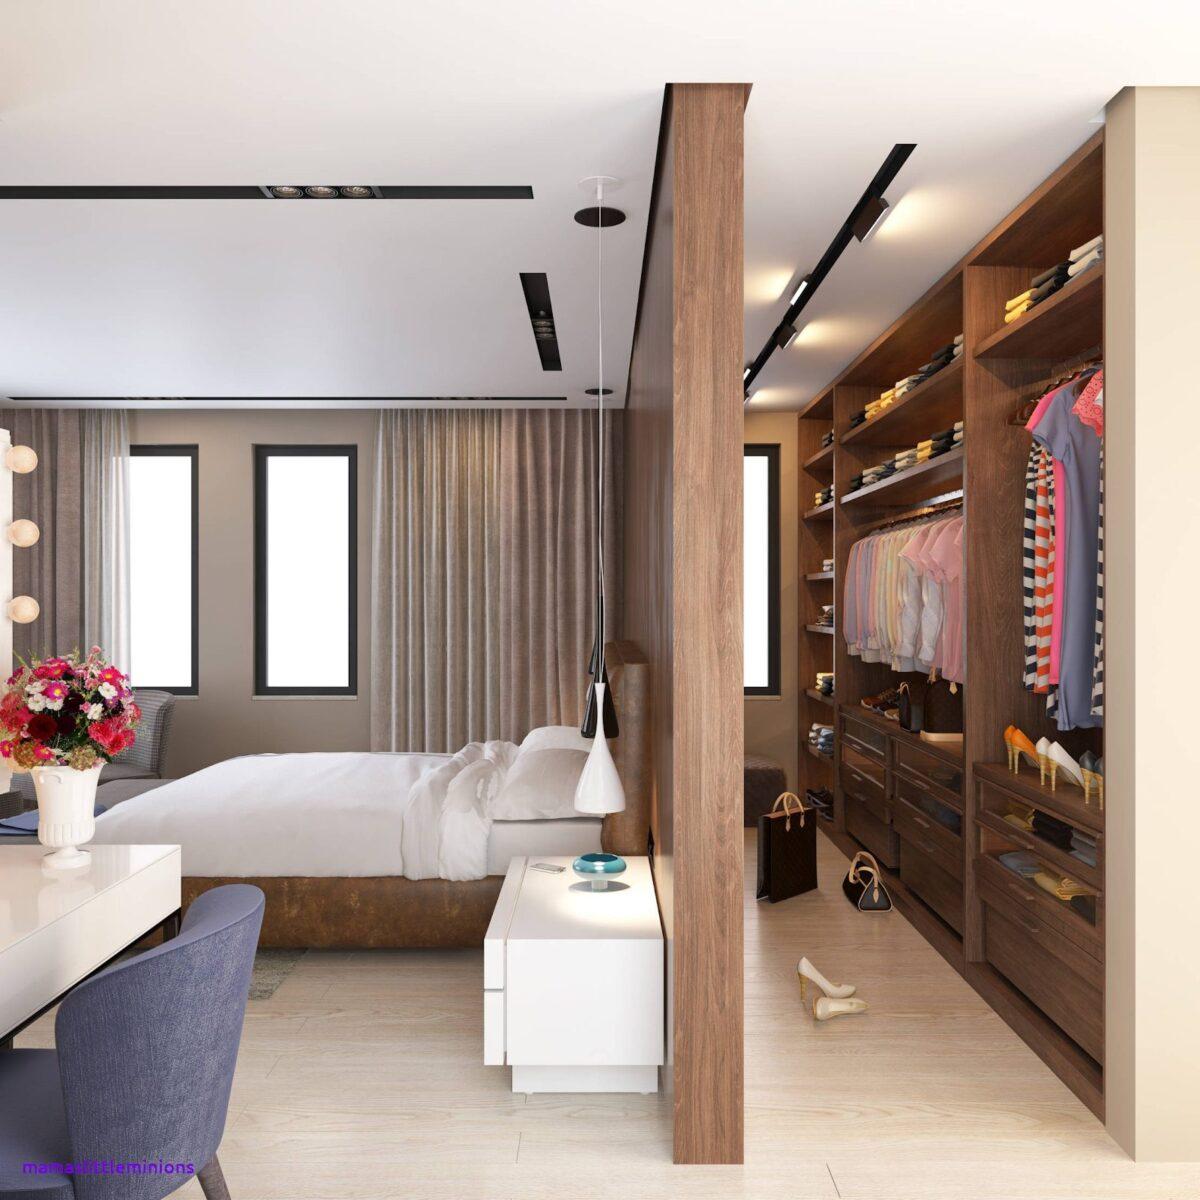 Cabina armadio: una stanza nella stanza!